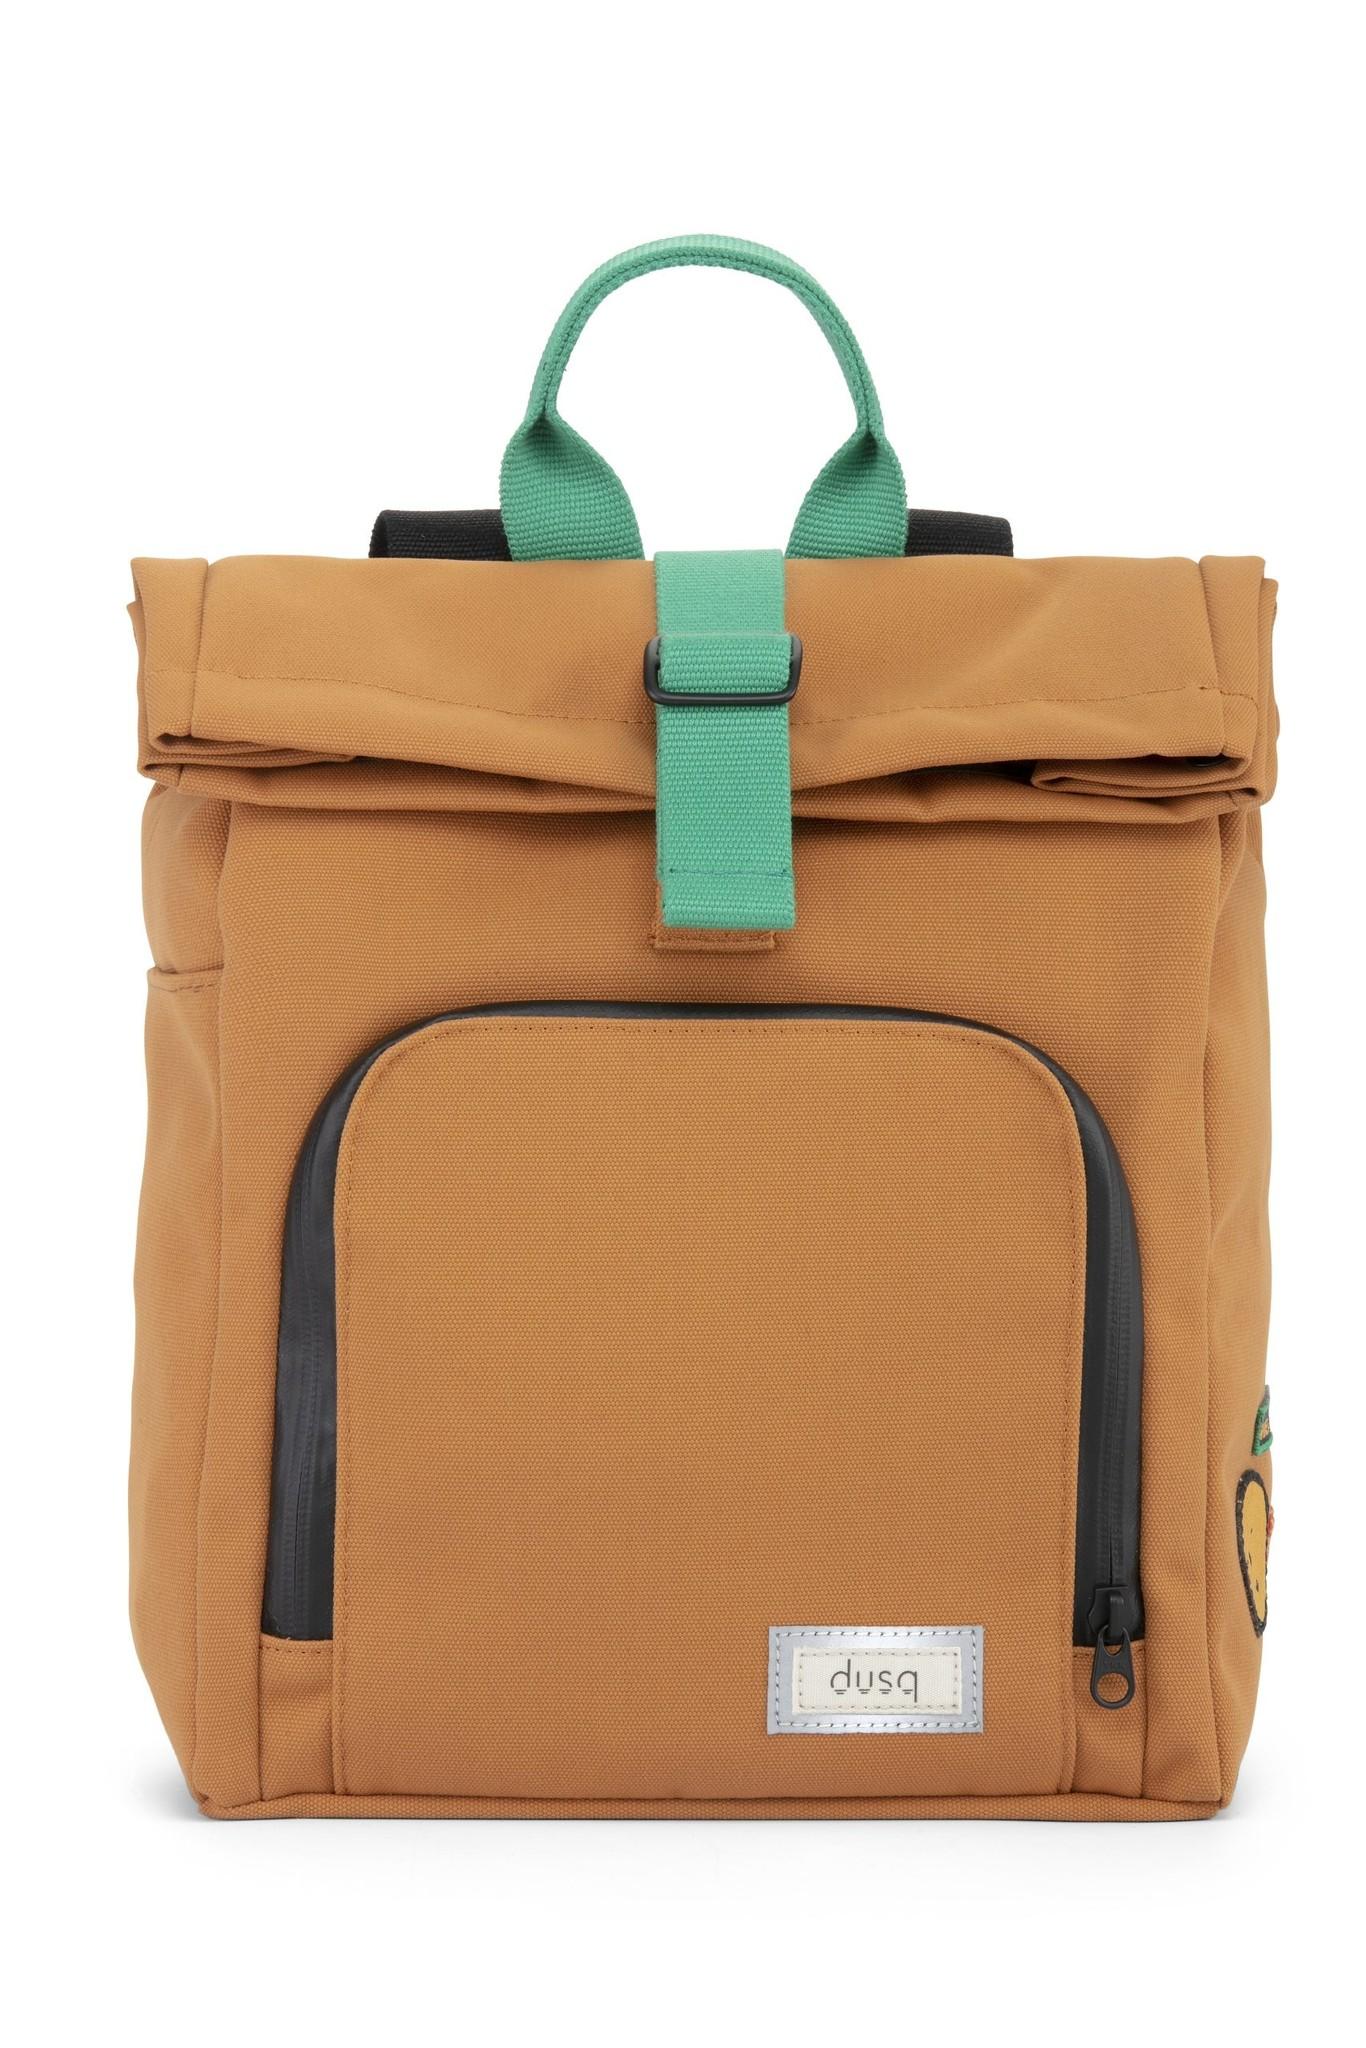 Mini Bag - Sunset Cognac / Forest Green-1